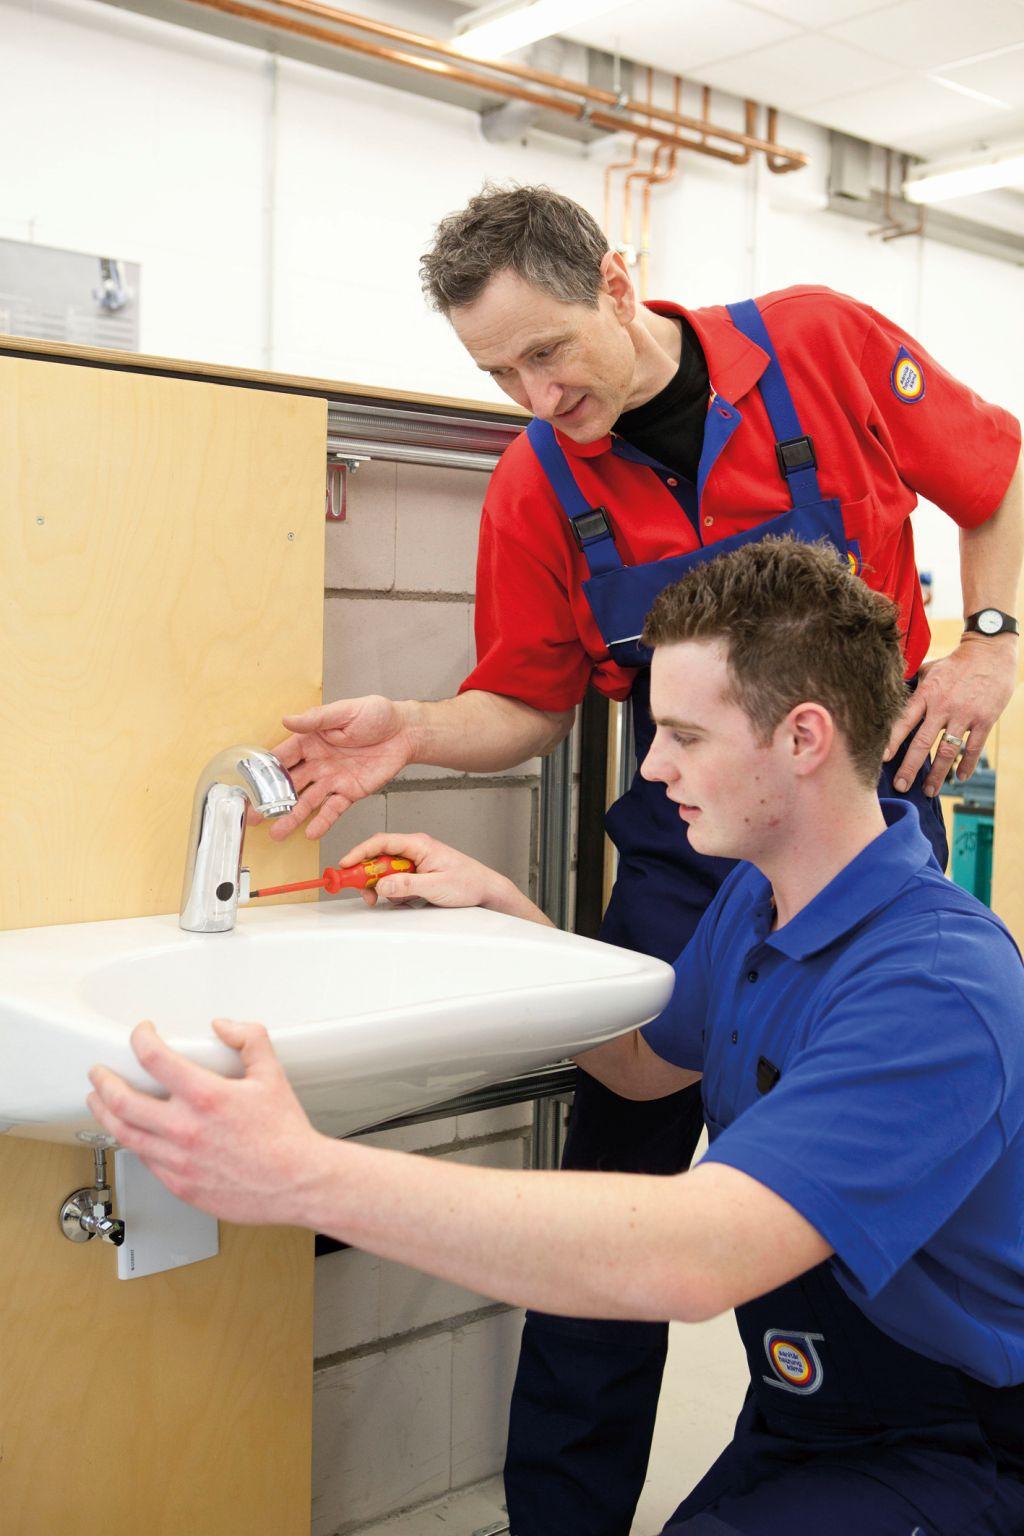 Zwei Anlagenmechaniker reparieren ein Waschbecken